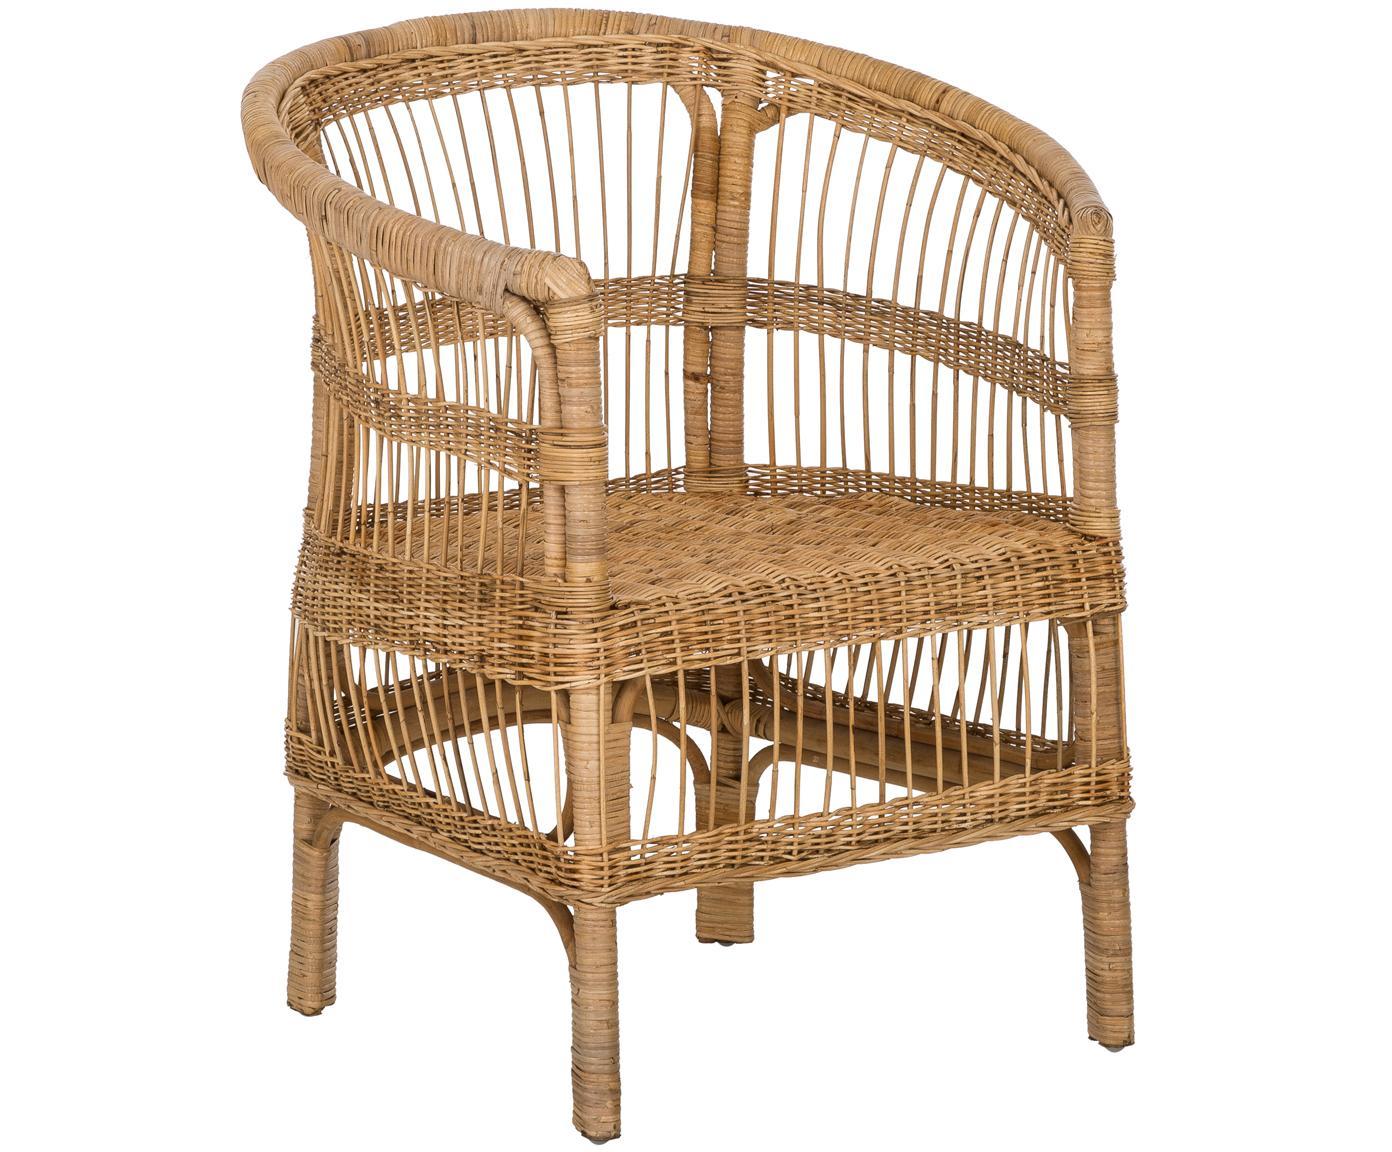 Fotel z rattanu Palma, Ratan, Beżowobrązowy, S 60 x G 70 cm